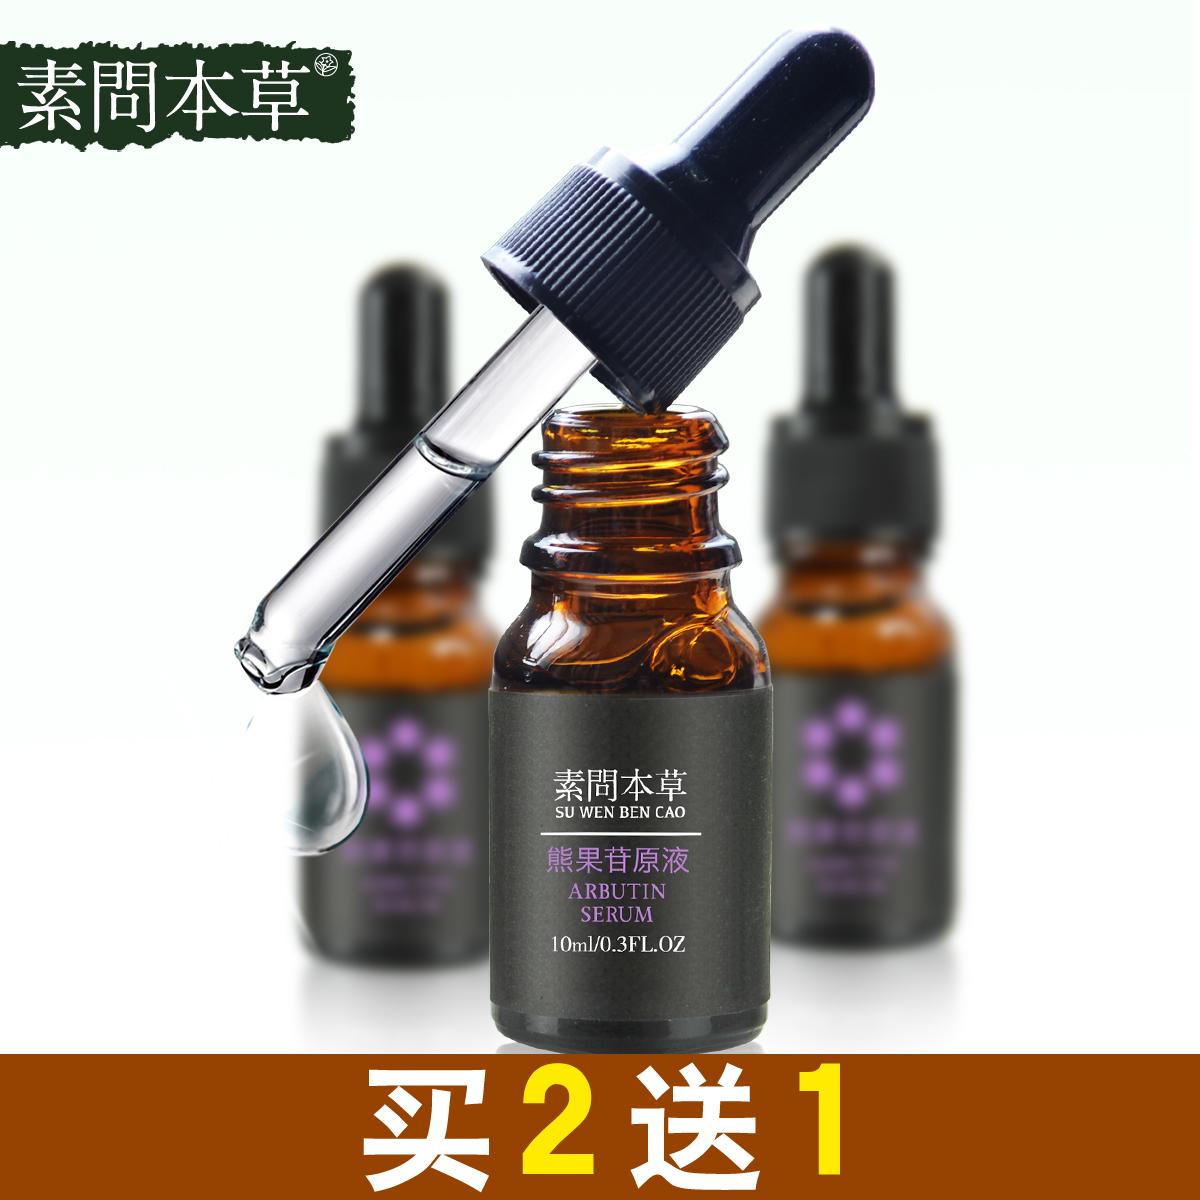 Su Wen Herbal